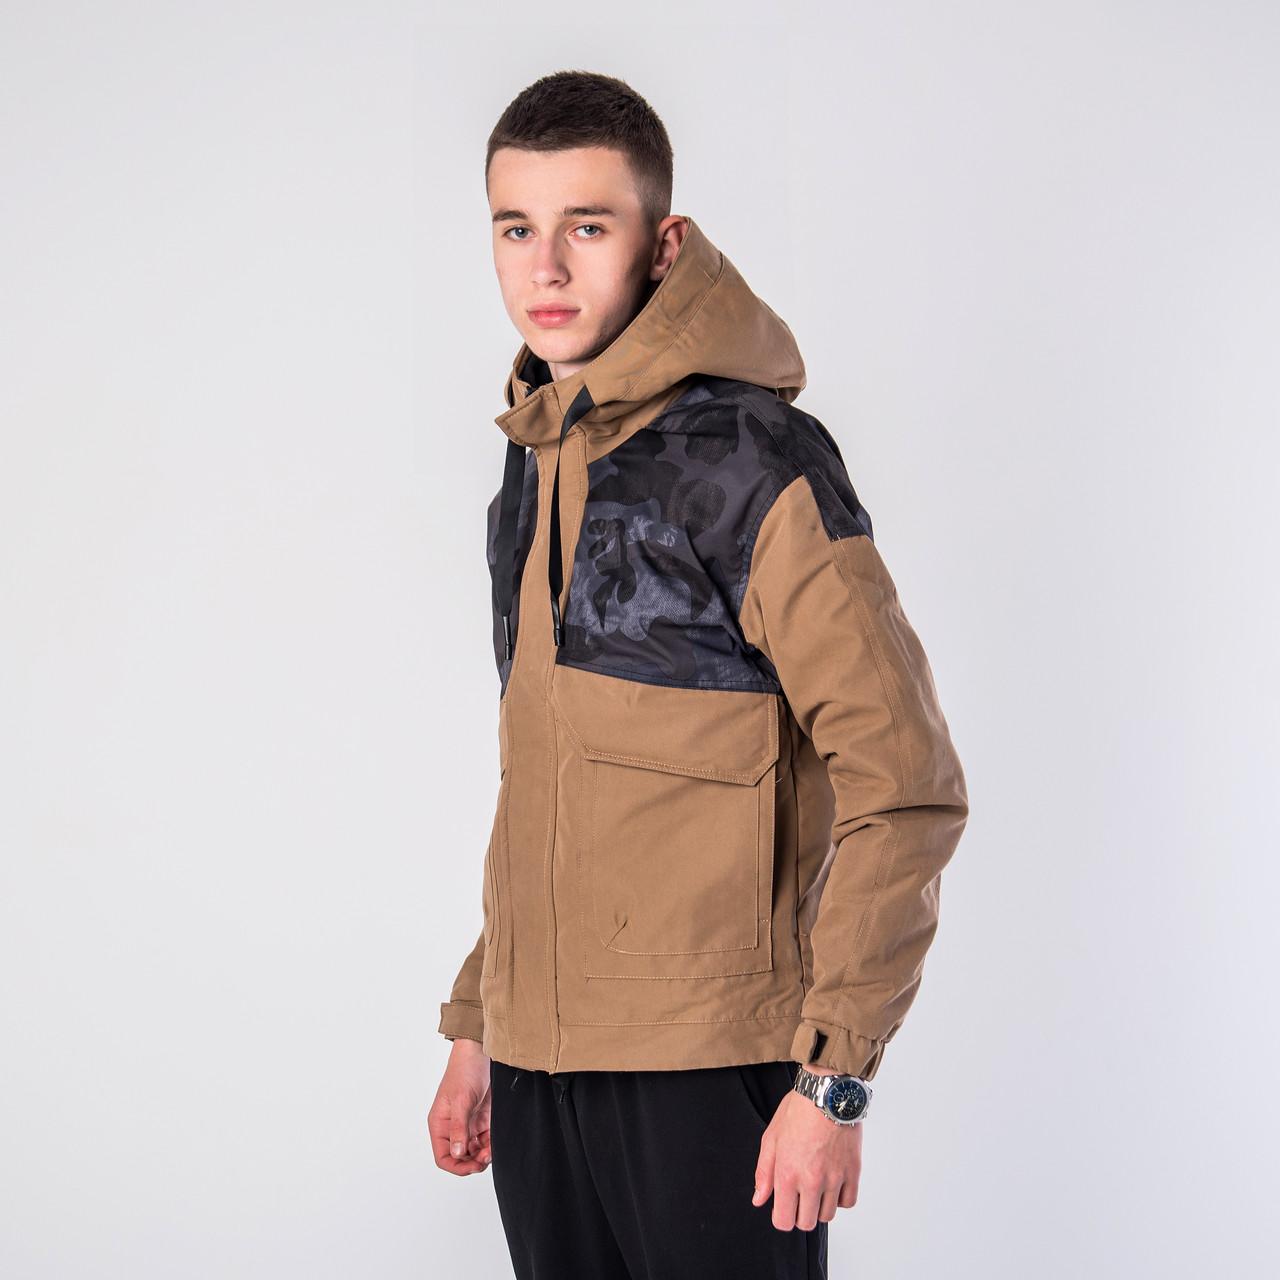 Мужская демисезонная куртка, коричневого цвета